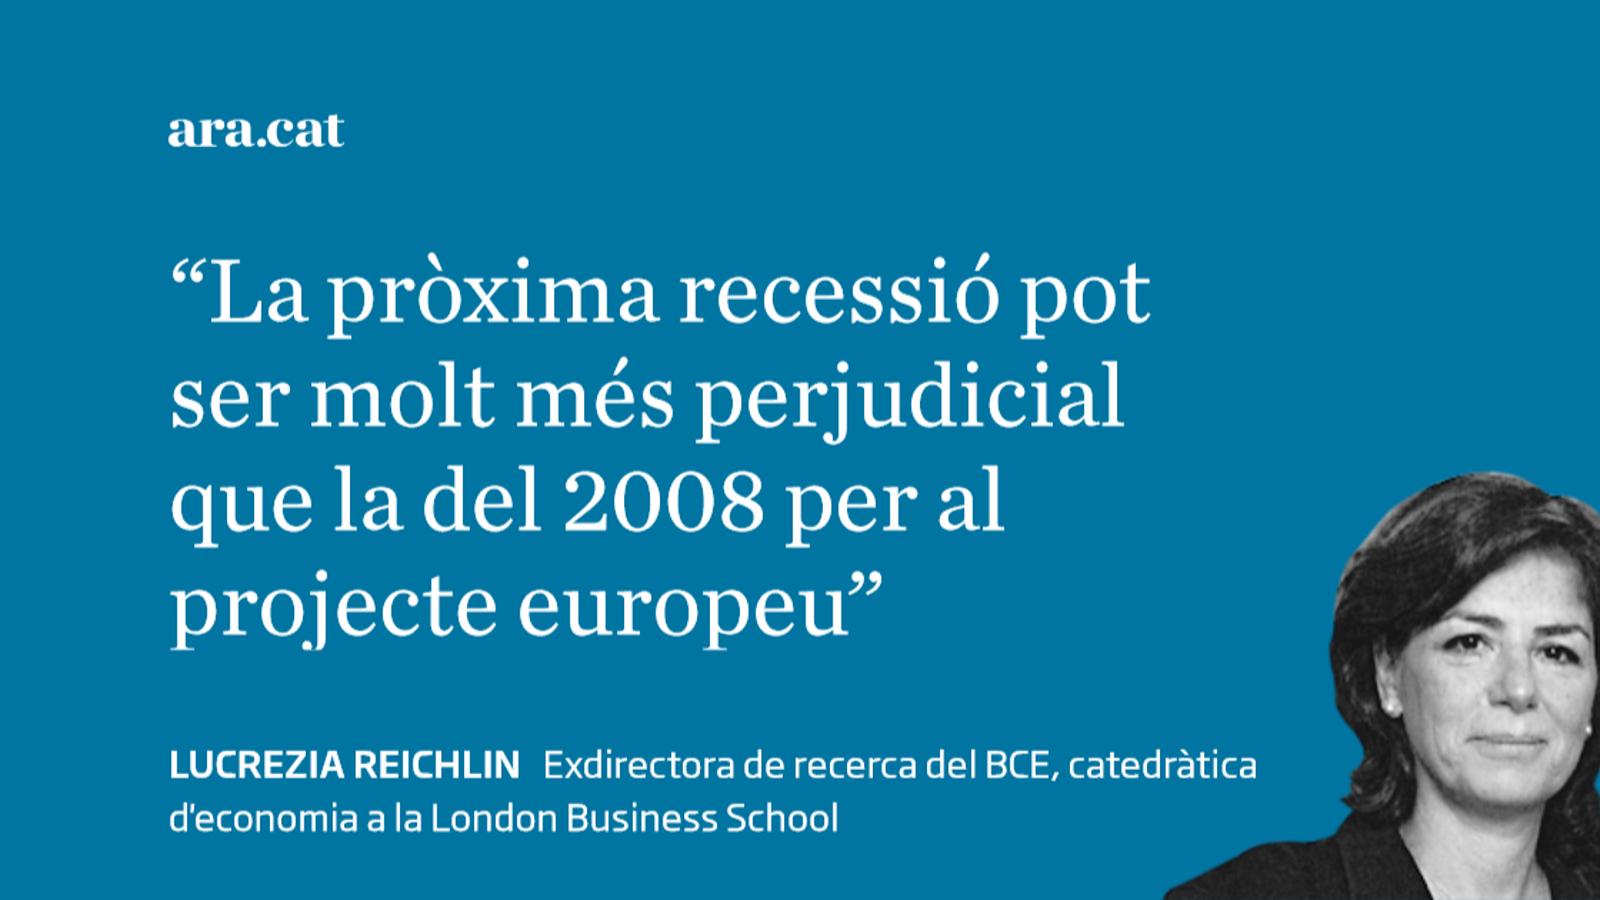 L'amenaça d'una recessió a l'eurozona